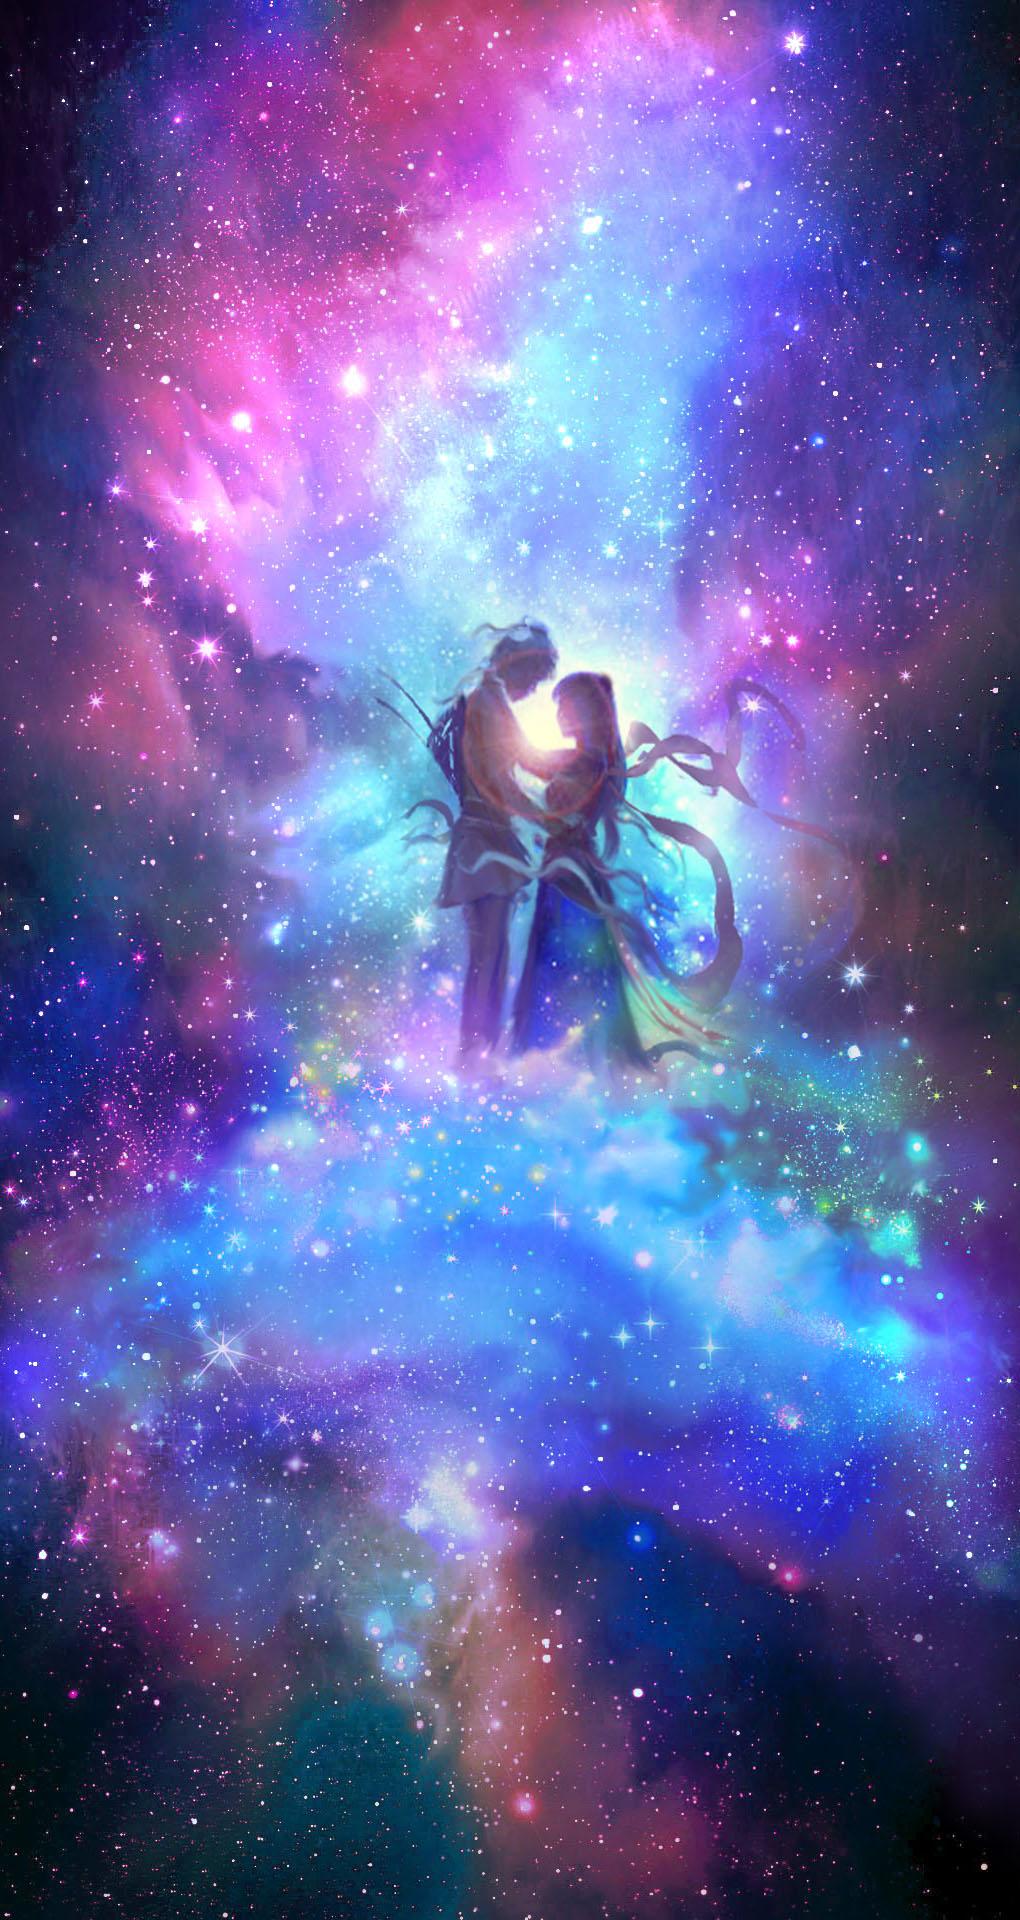 космосе картинки в влюблённые